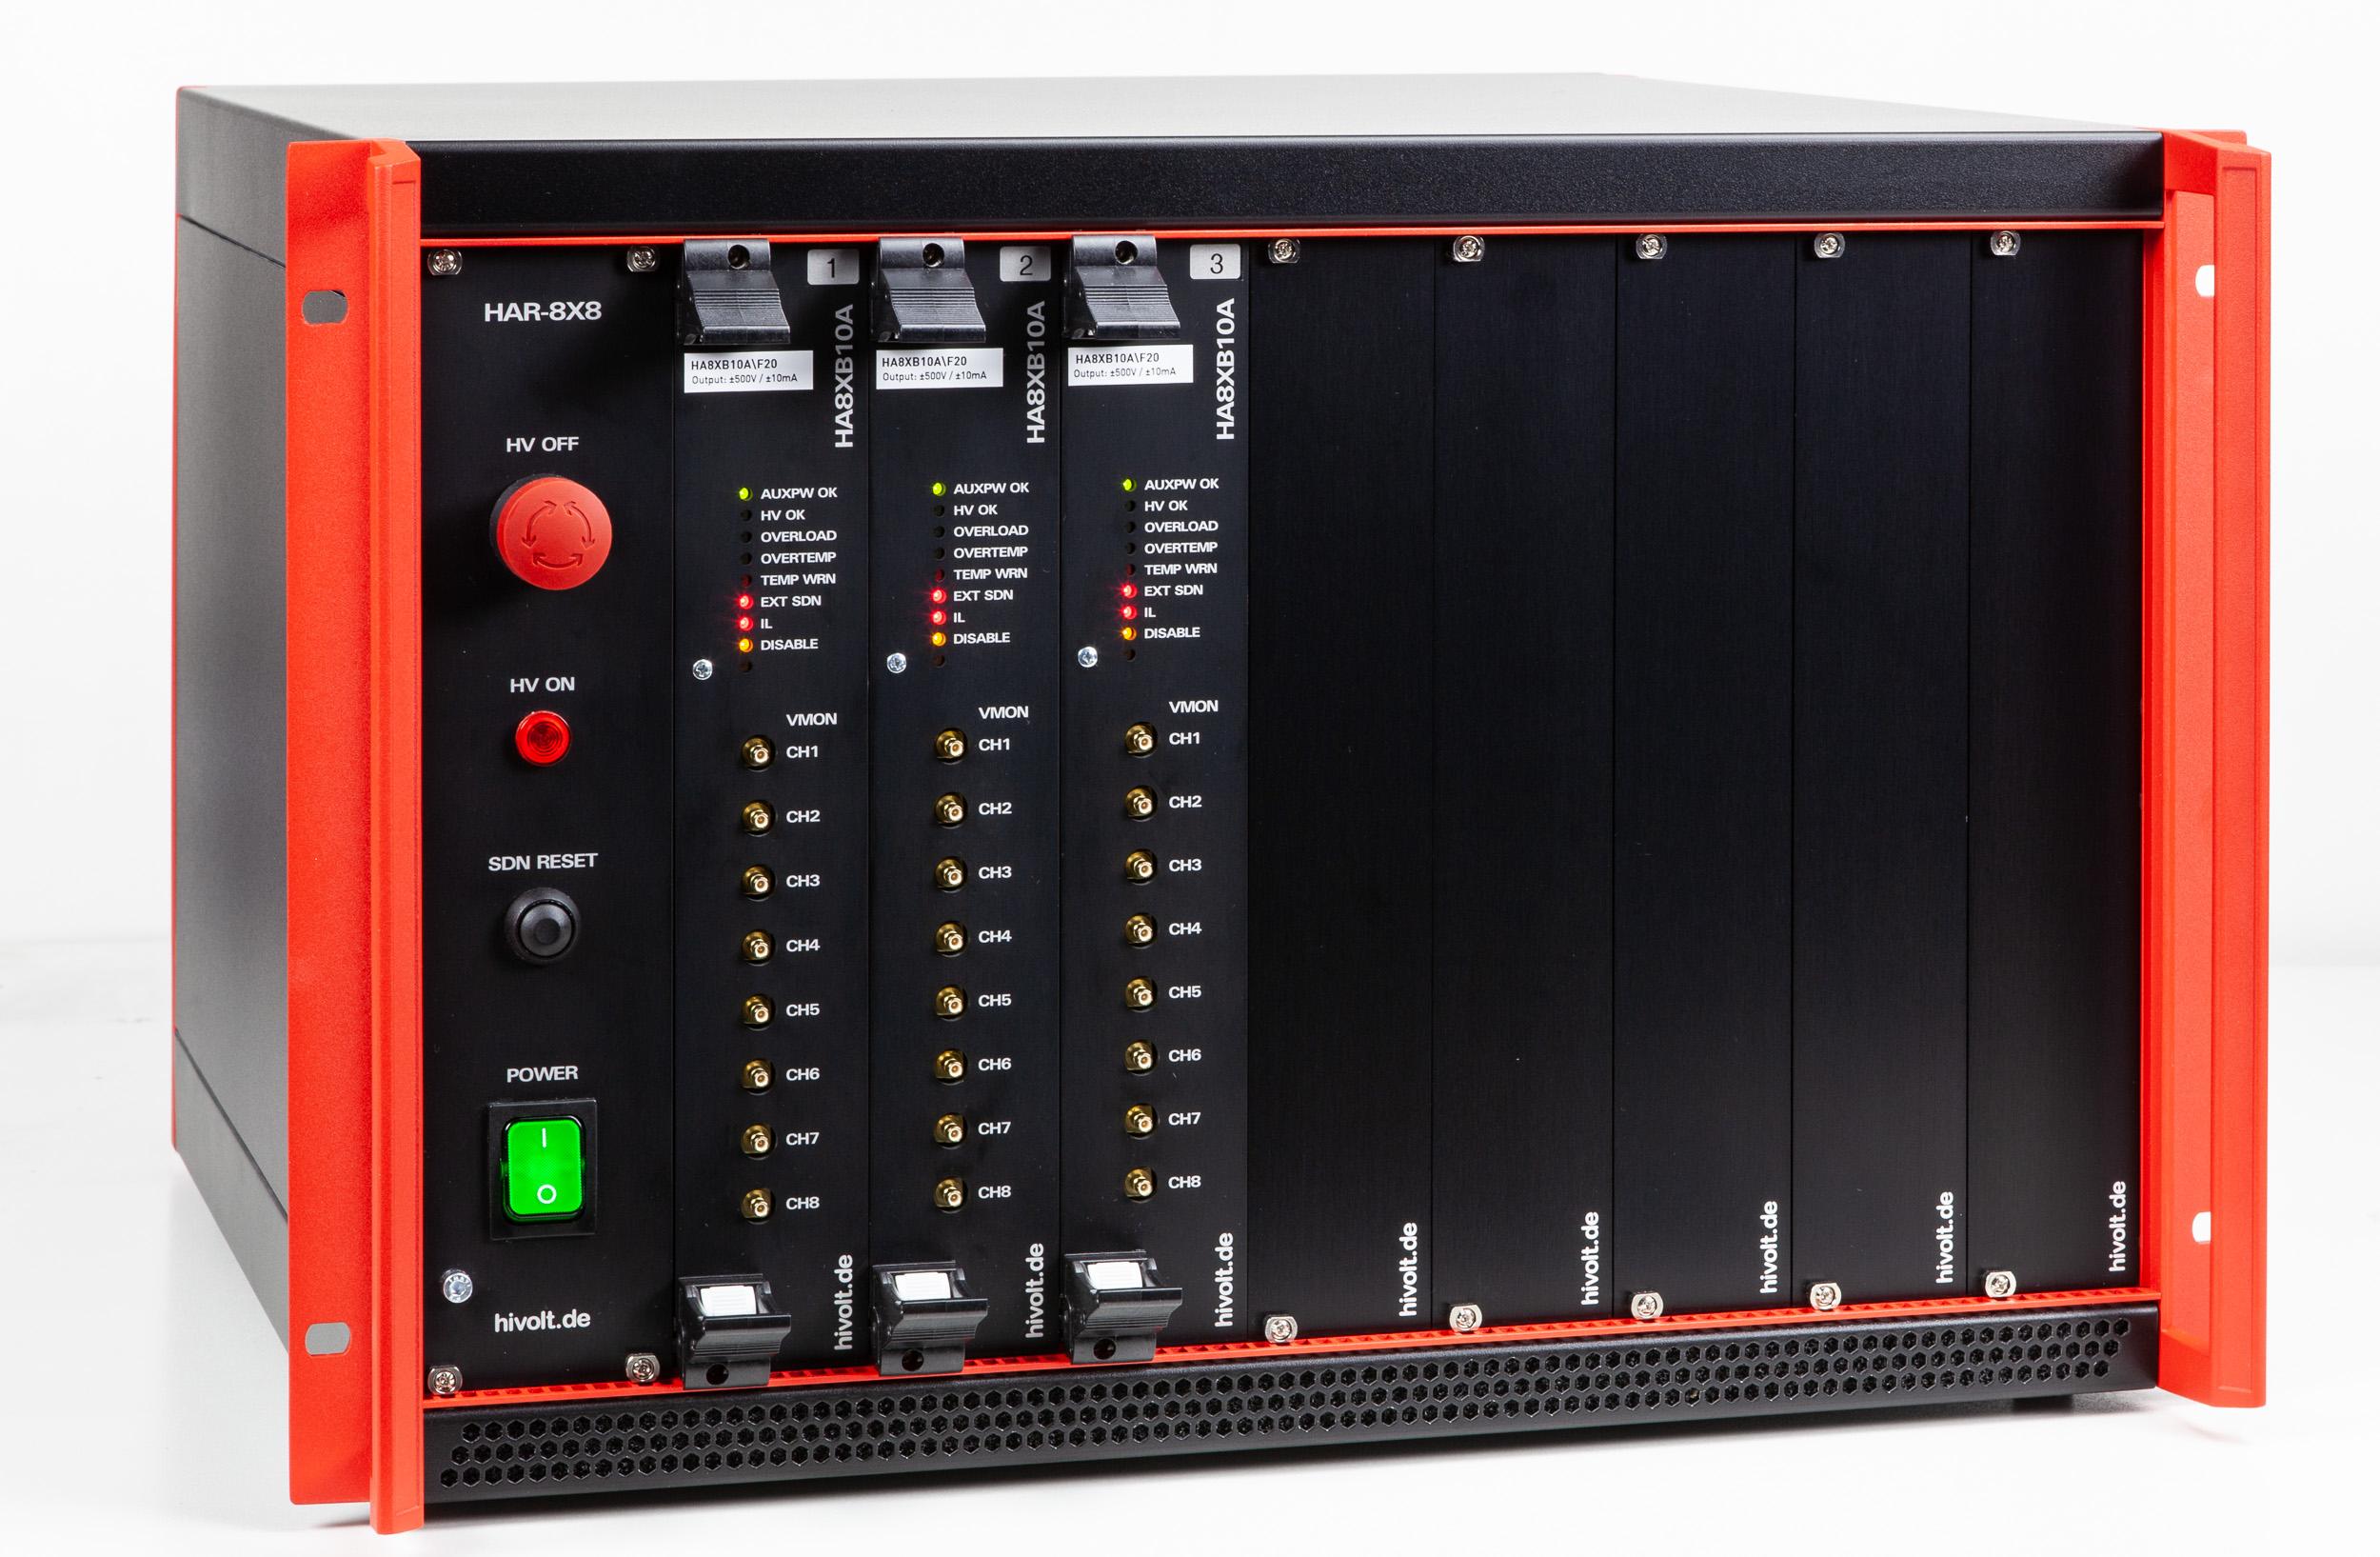 Amplificateur haute tension HAR-8X8A HIVOLT.de